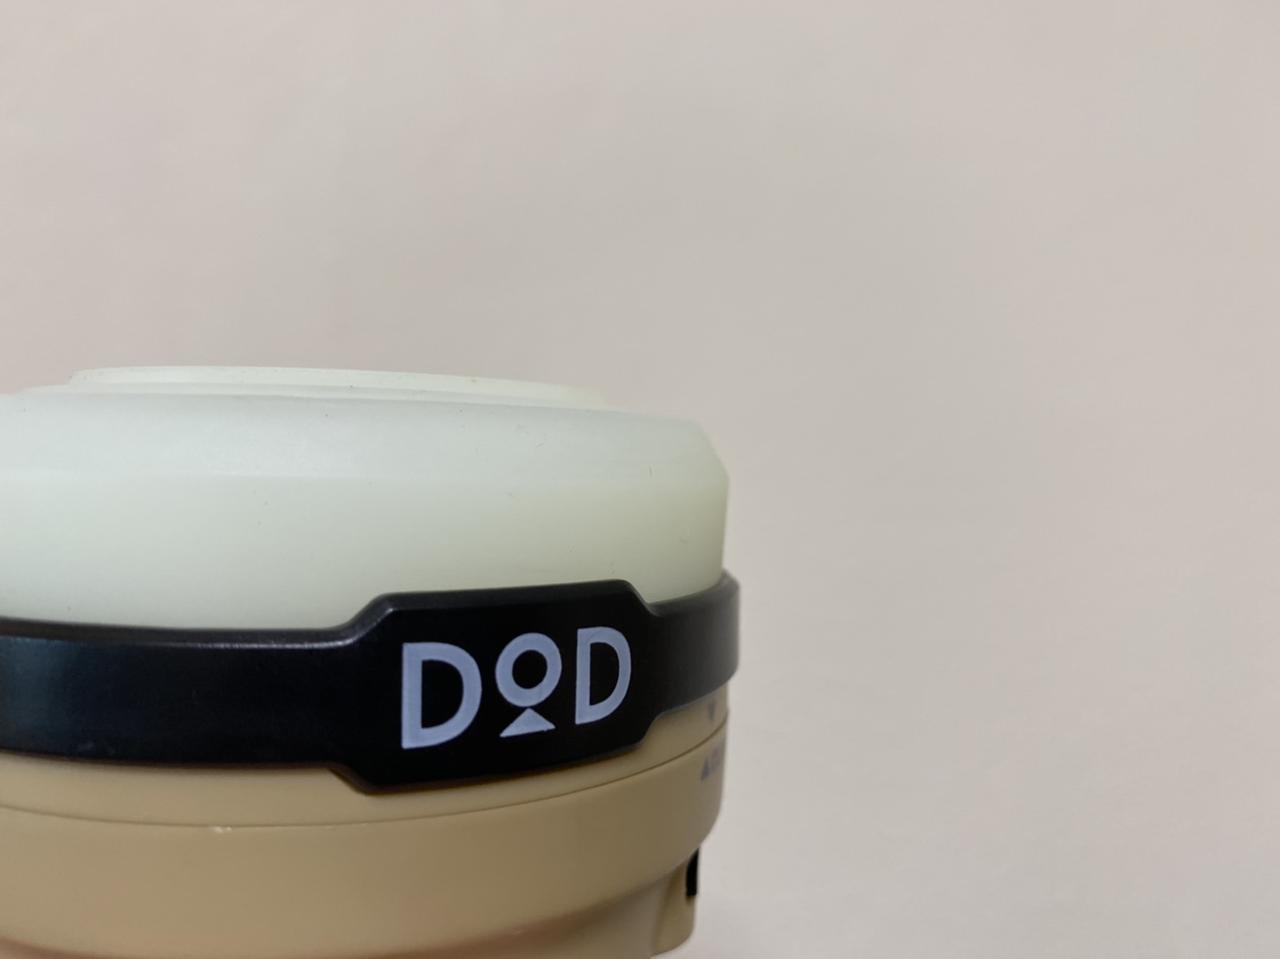 画像: DODの『LEDソーラーポップアップランタン』が超おすすめ! 機能性もコスパも◎な魅力を徹底レビュー - ハピキャン キャンプ・アウトドア情報メディア